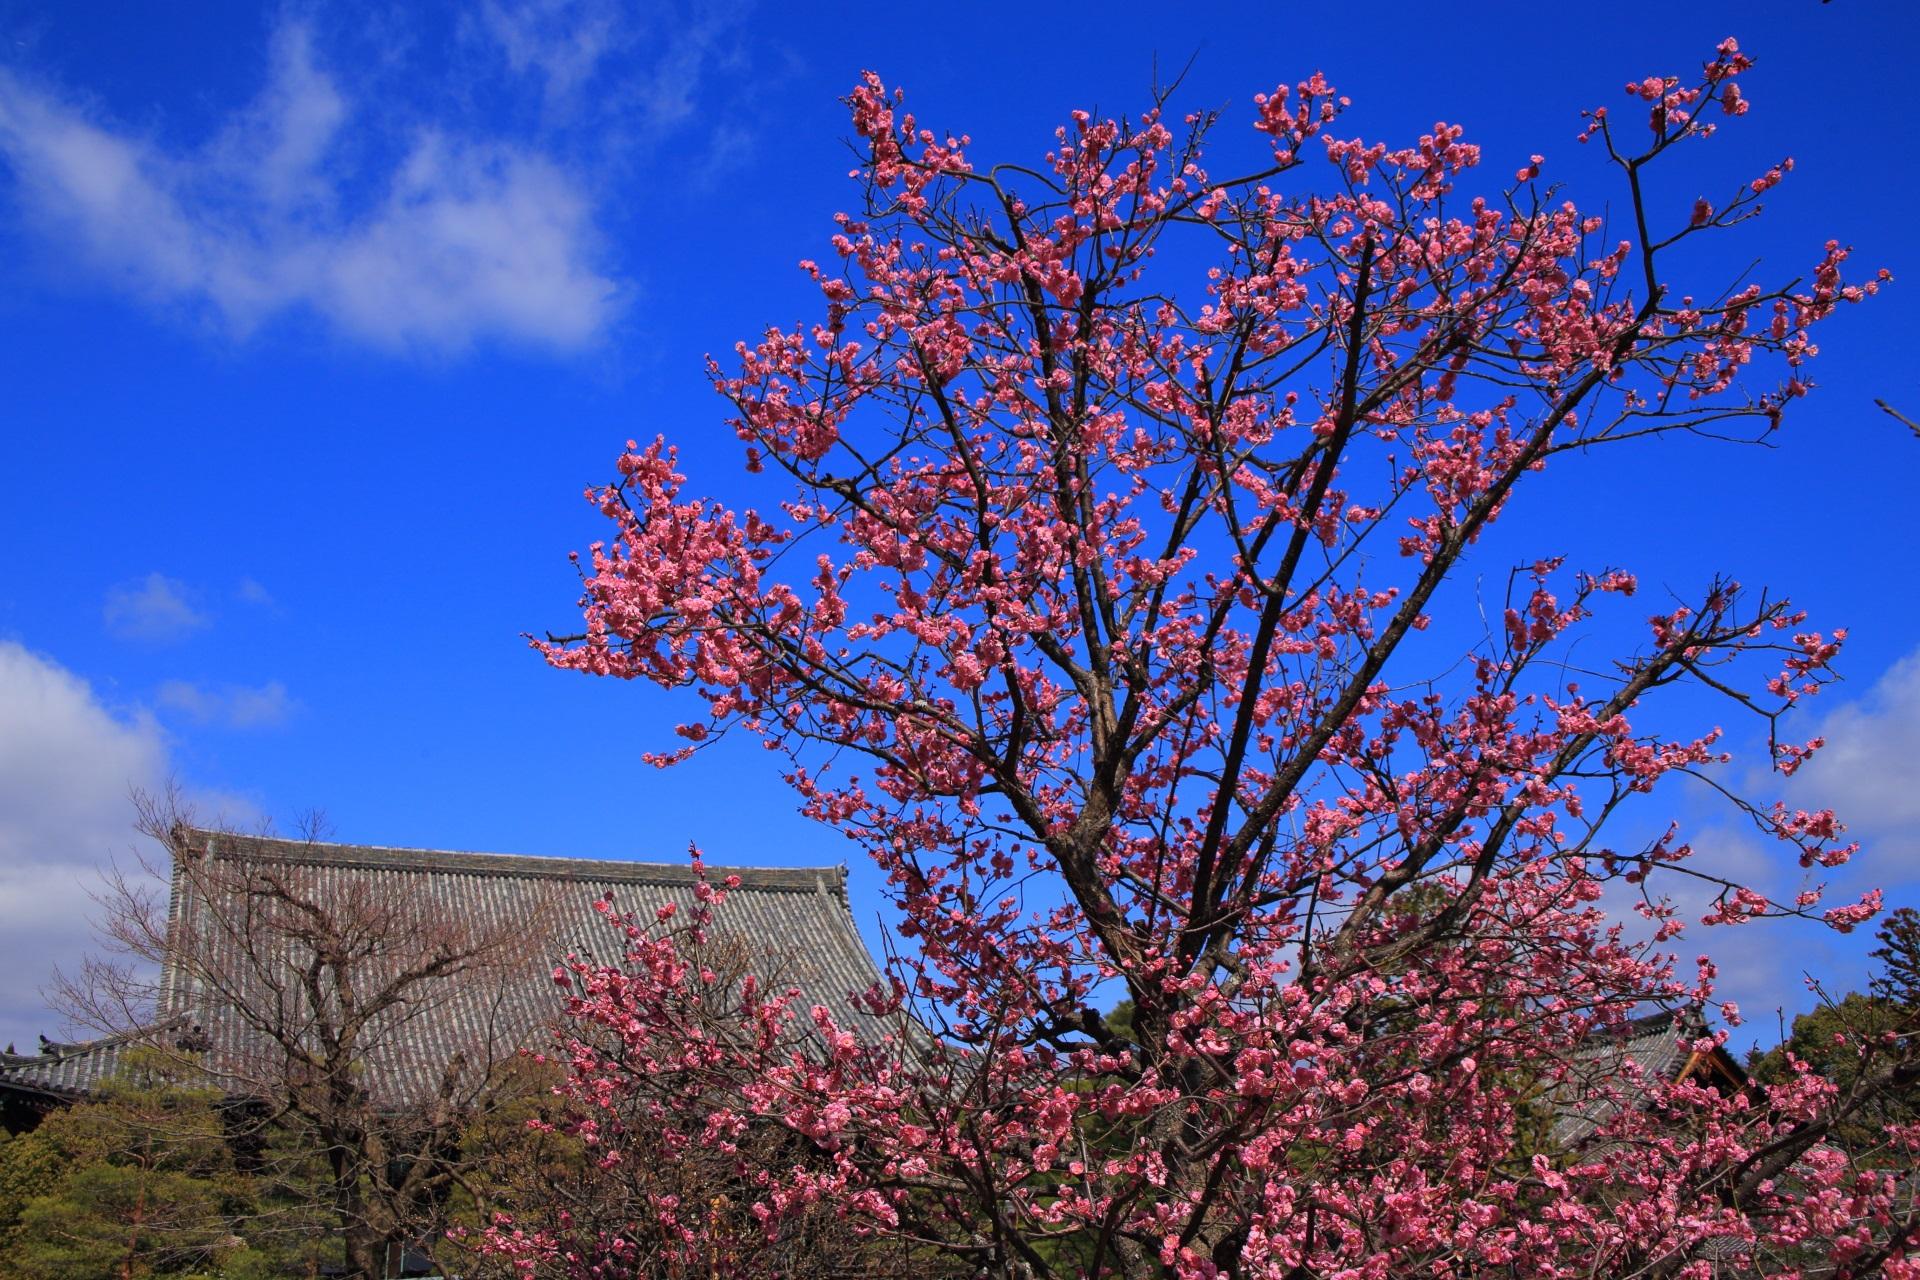 清涼寺の大きな本堂を鮮やかに染めるピンクの梅